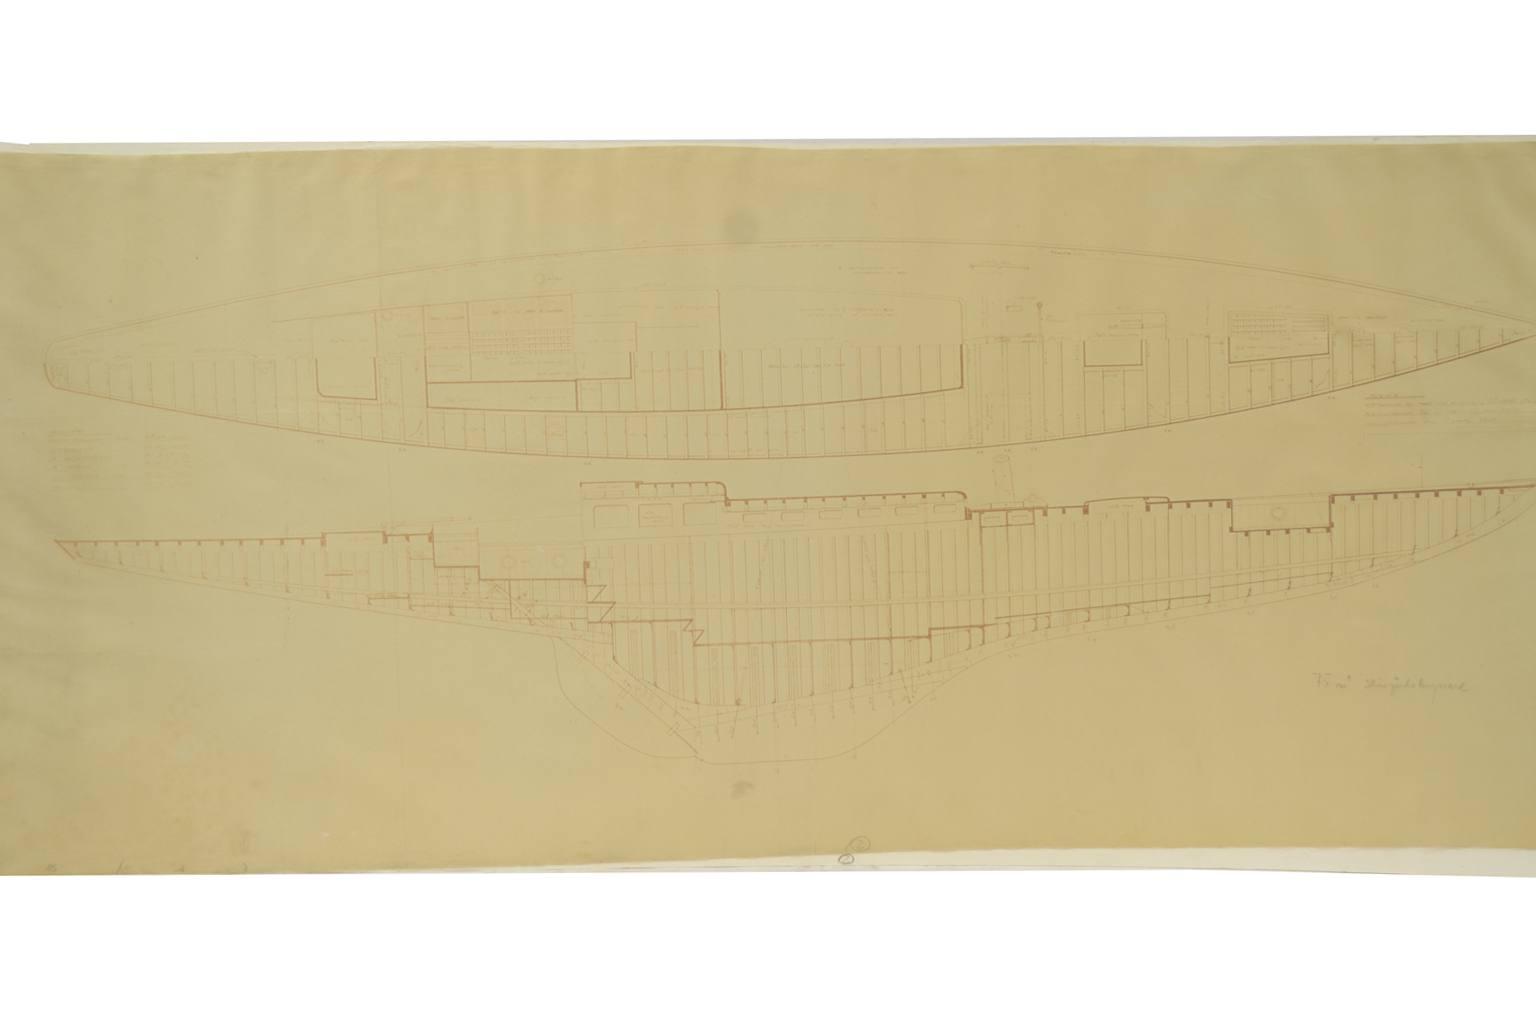 Progetti di barche d'epoca/PR02-Bacchant